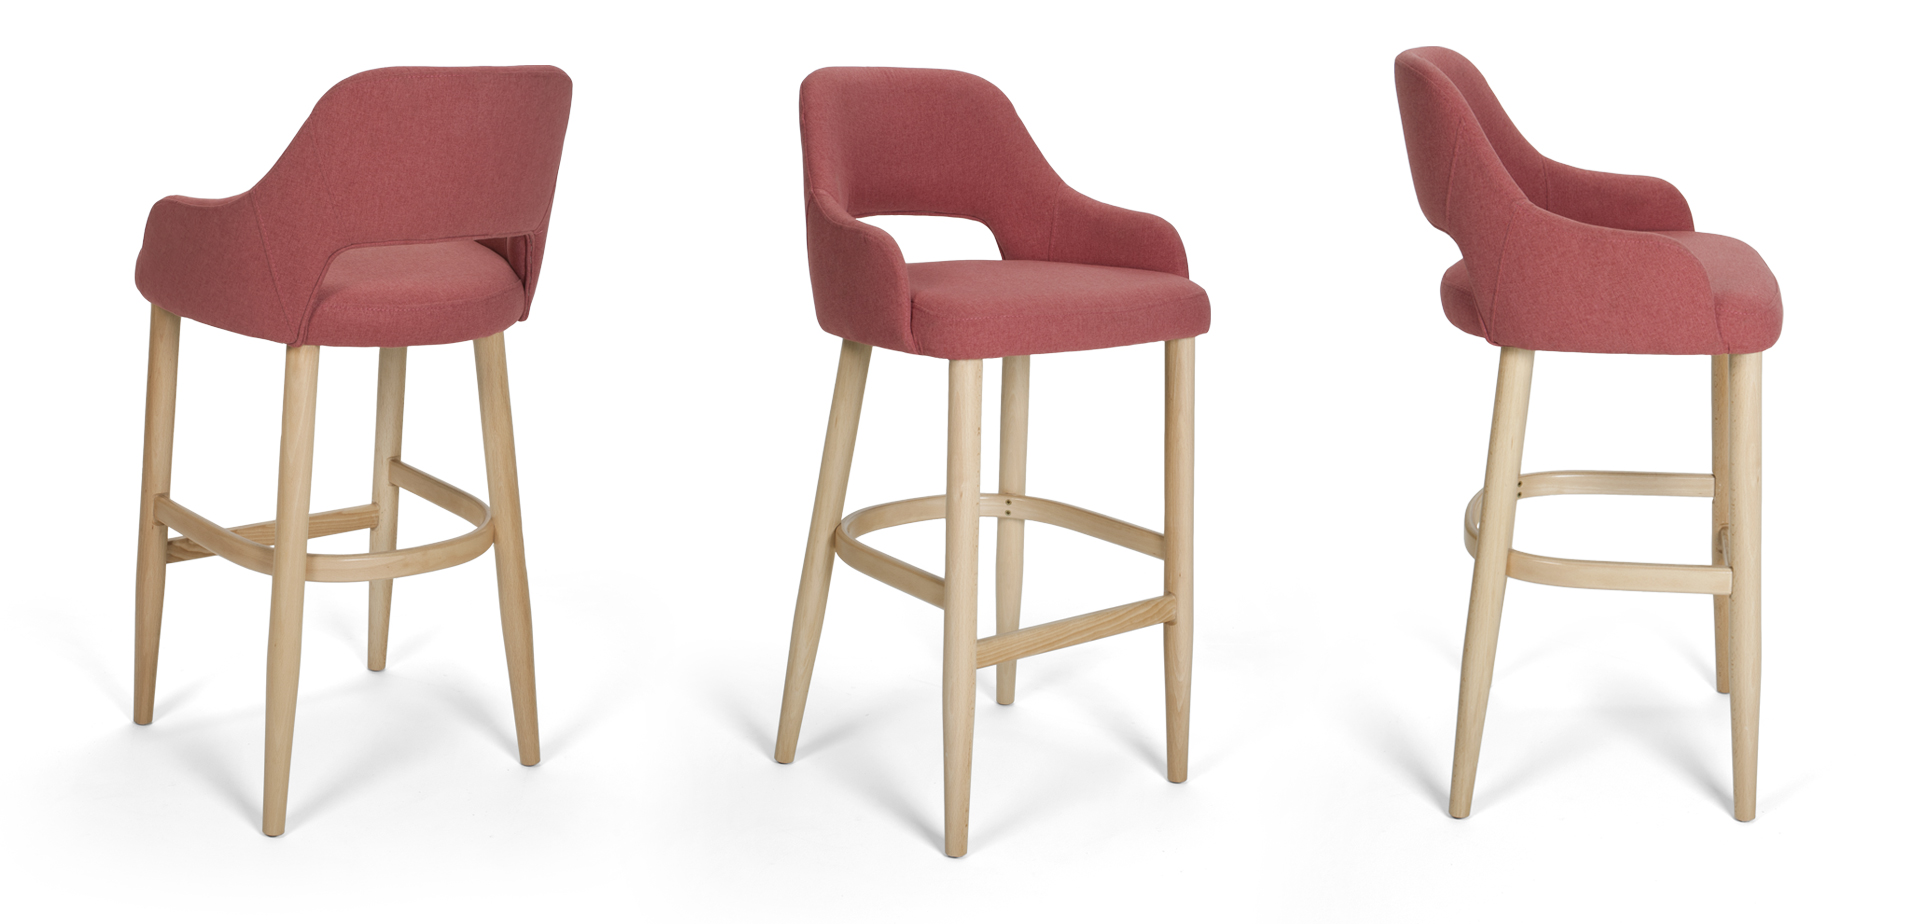 clark-scaun.jpg